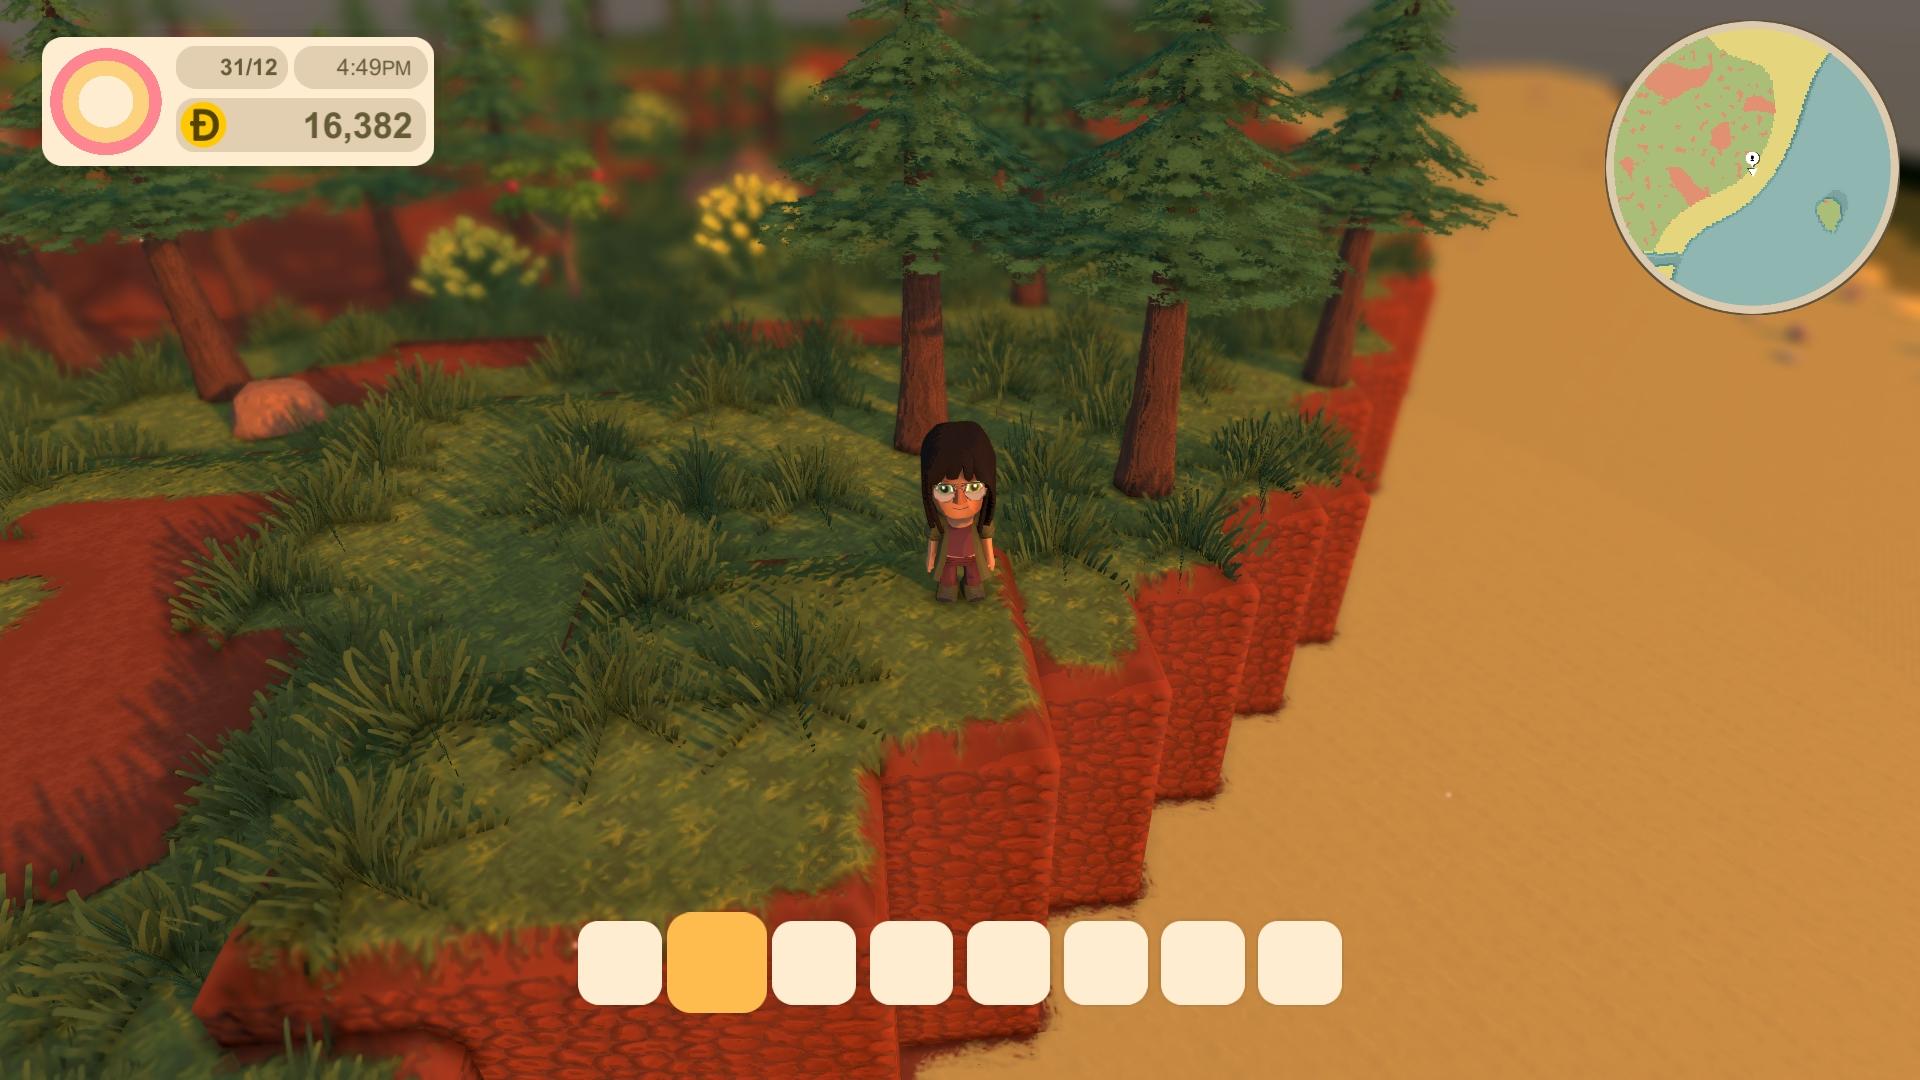 pineBiomeShowScreen.jpg